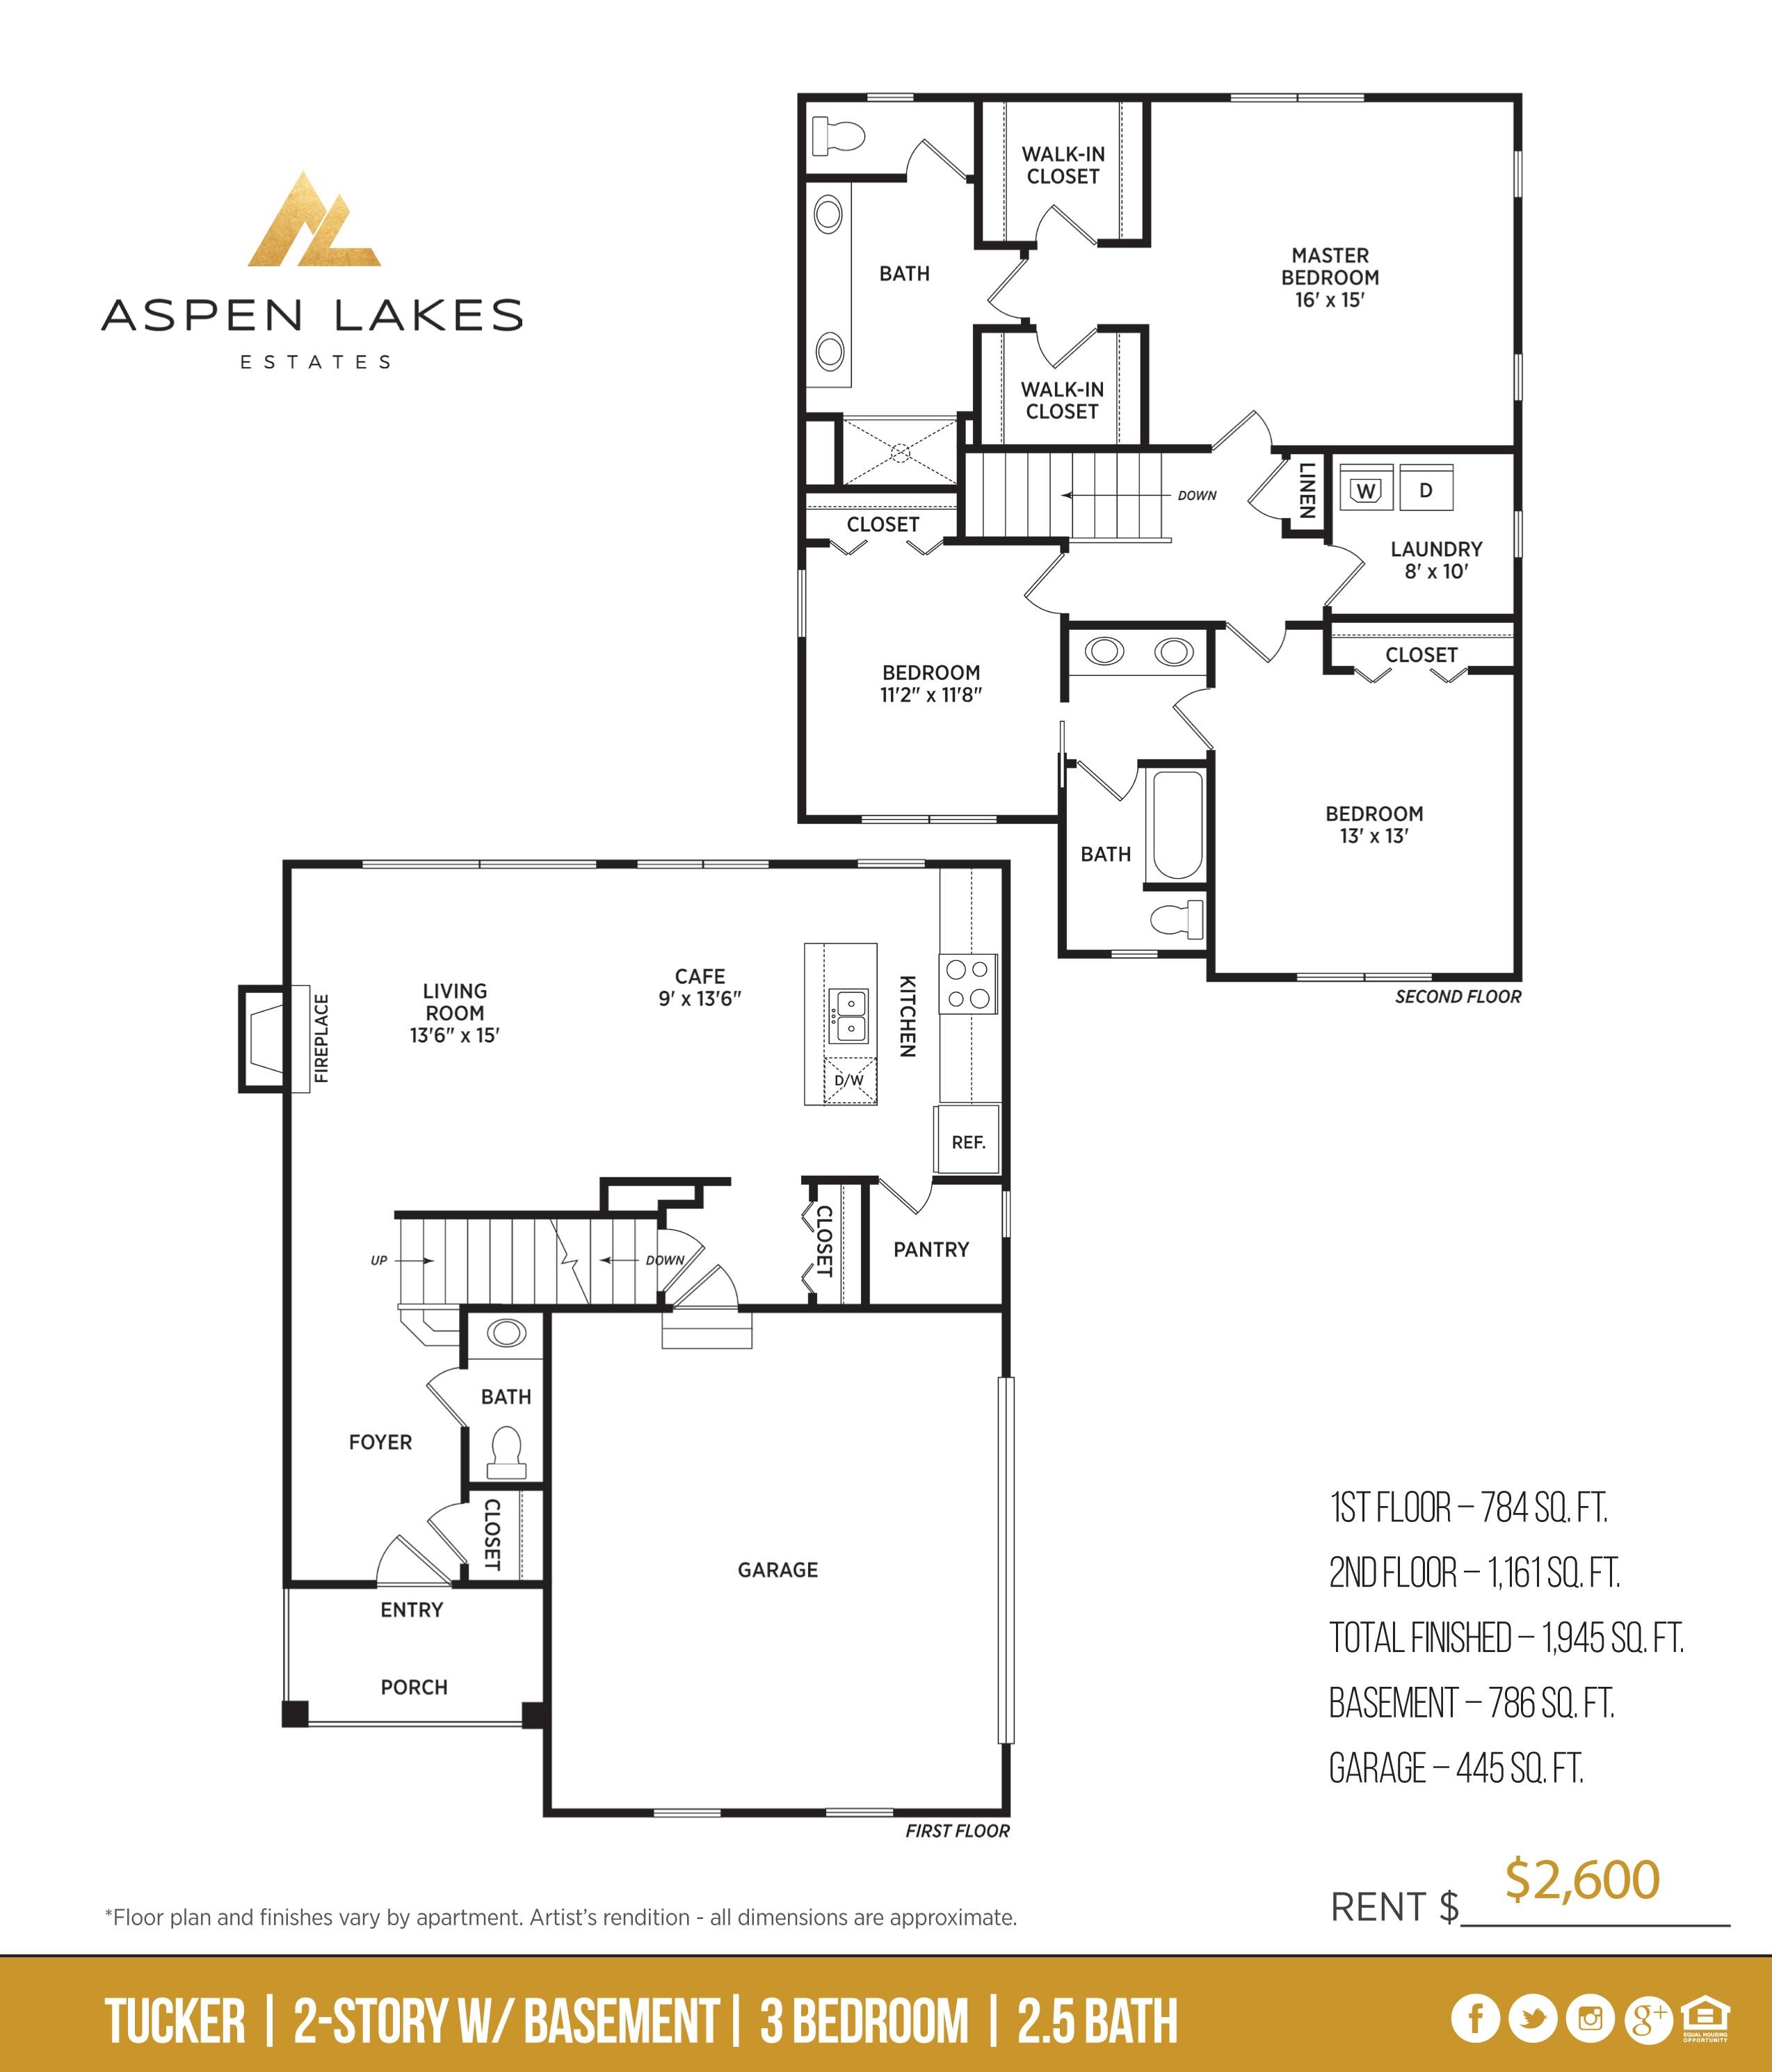 Aspen Pointe Apartments: Aspen Lakes Communities